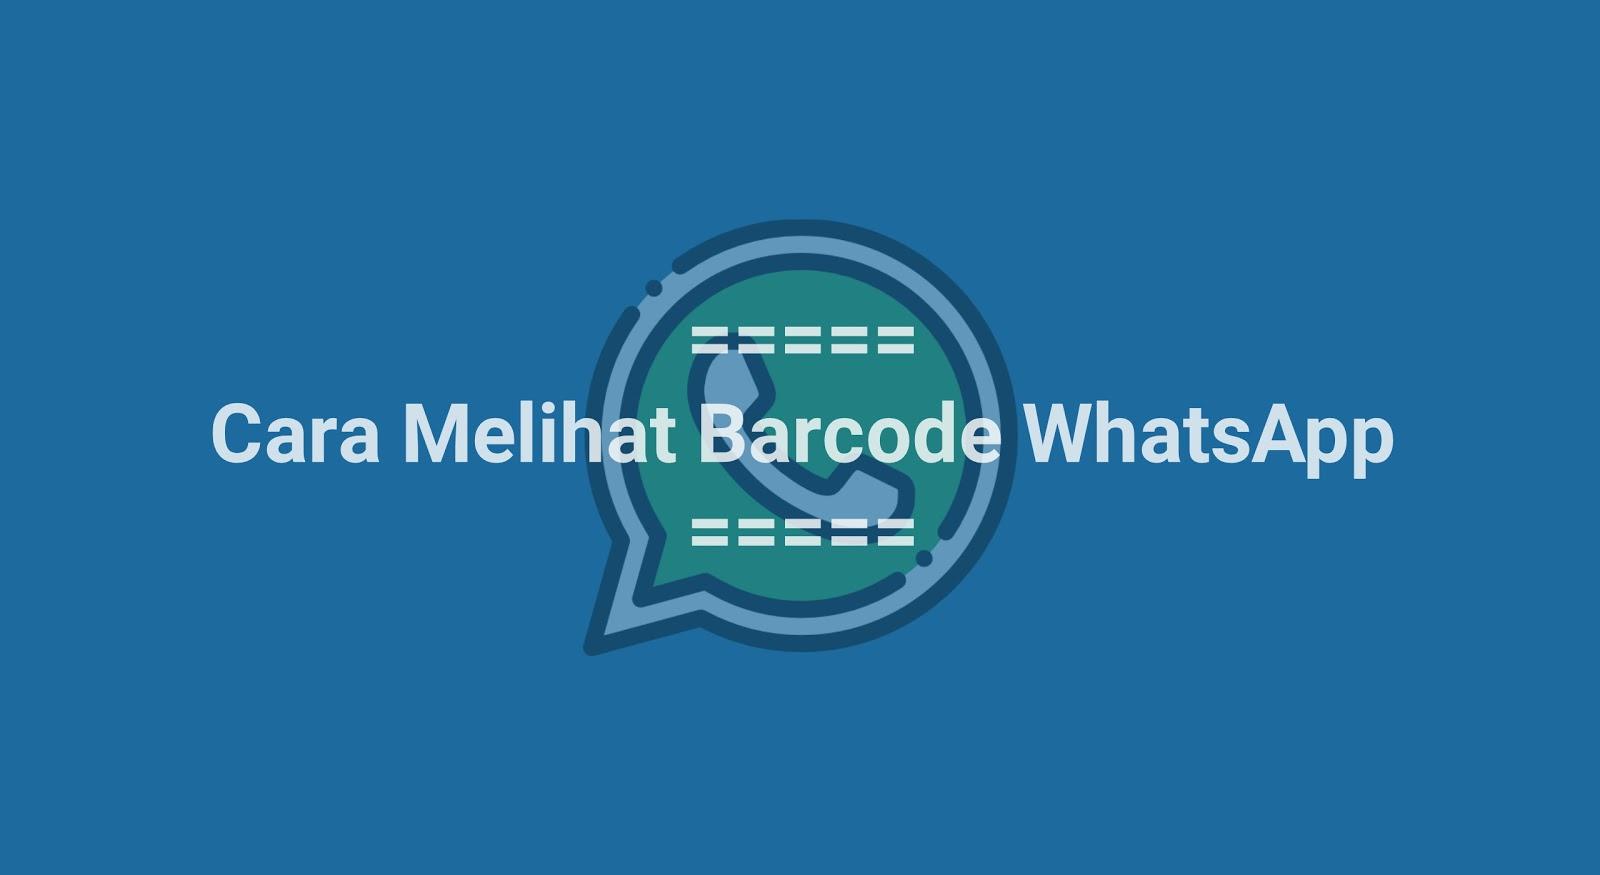 Cara Lihat Barcode Whatsapp Milik Kita Sendiri